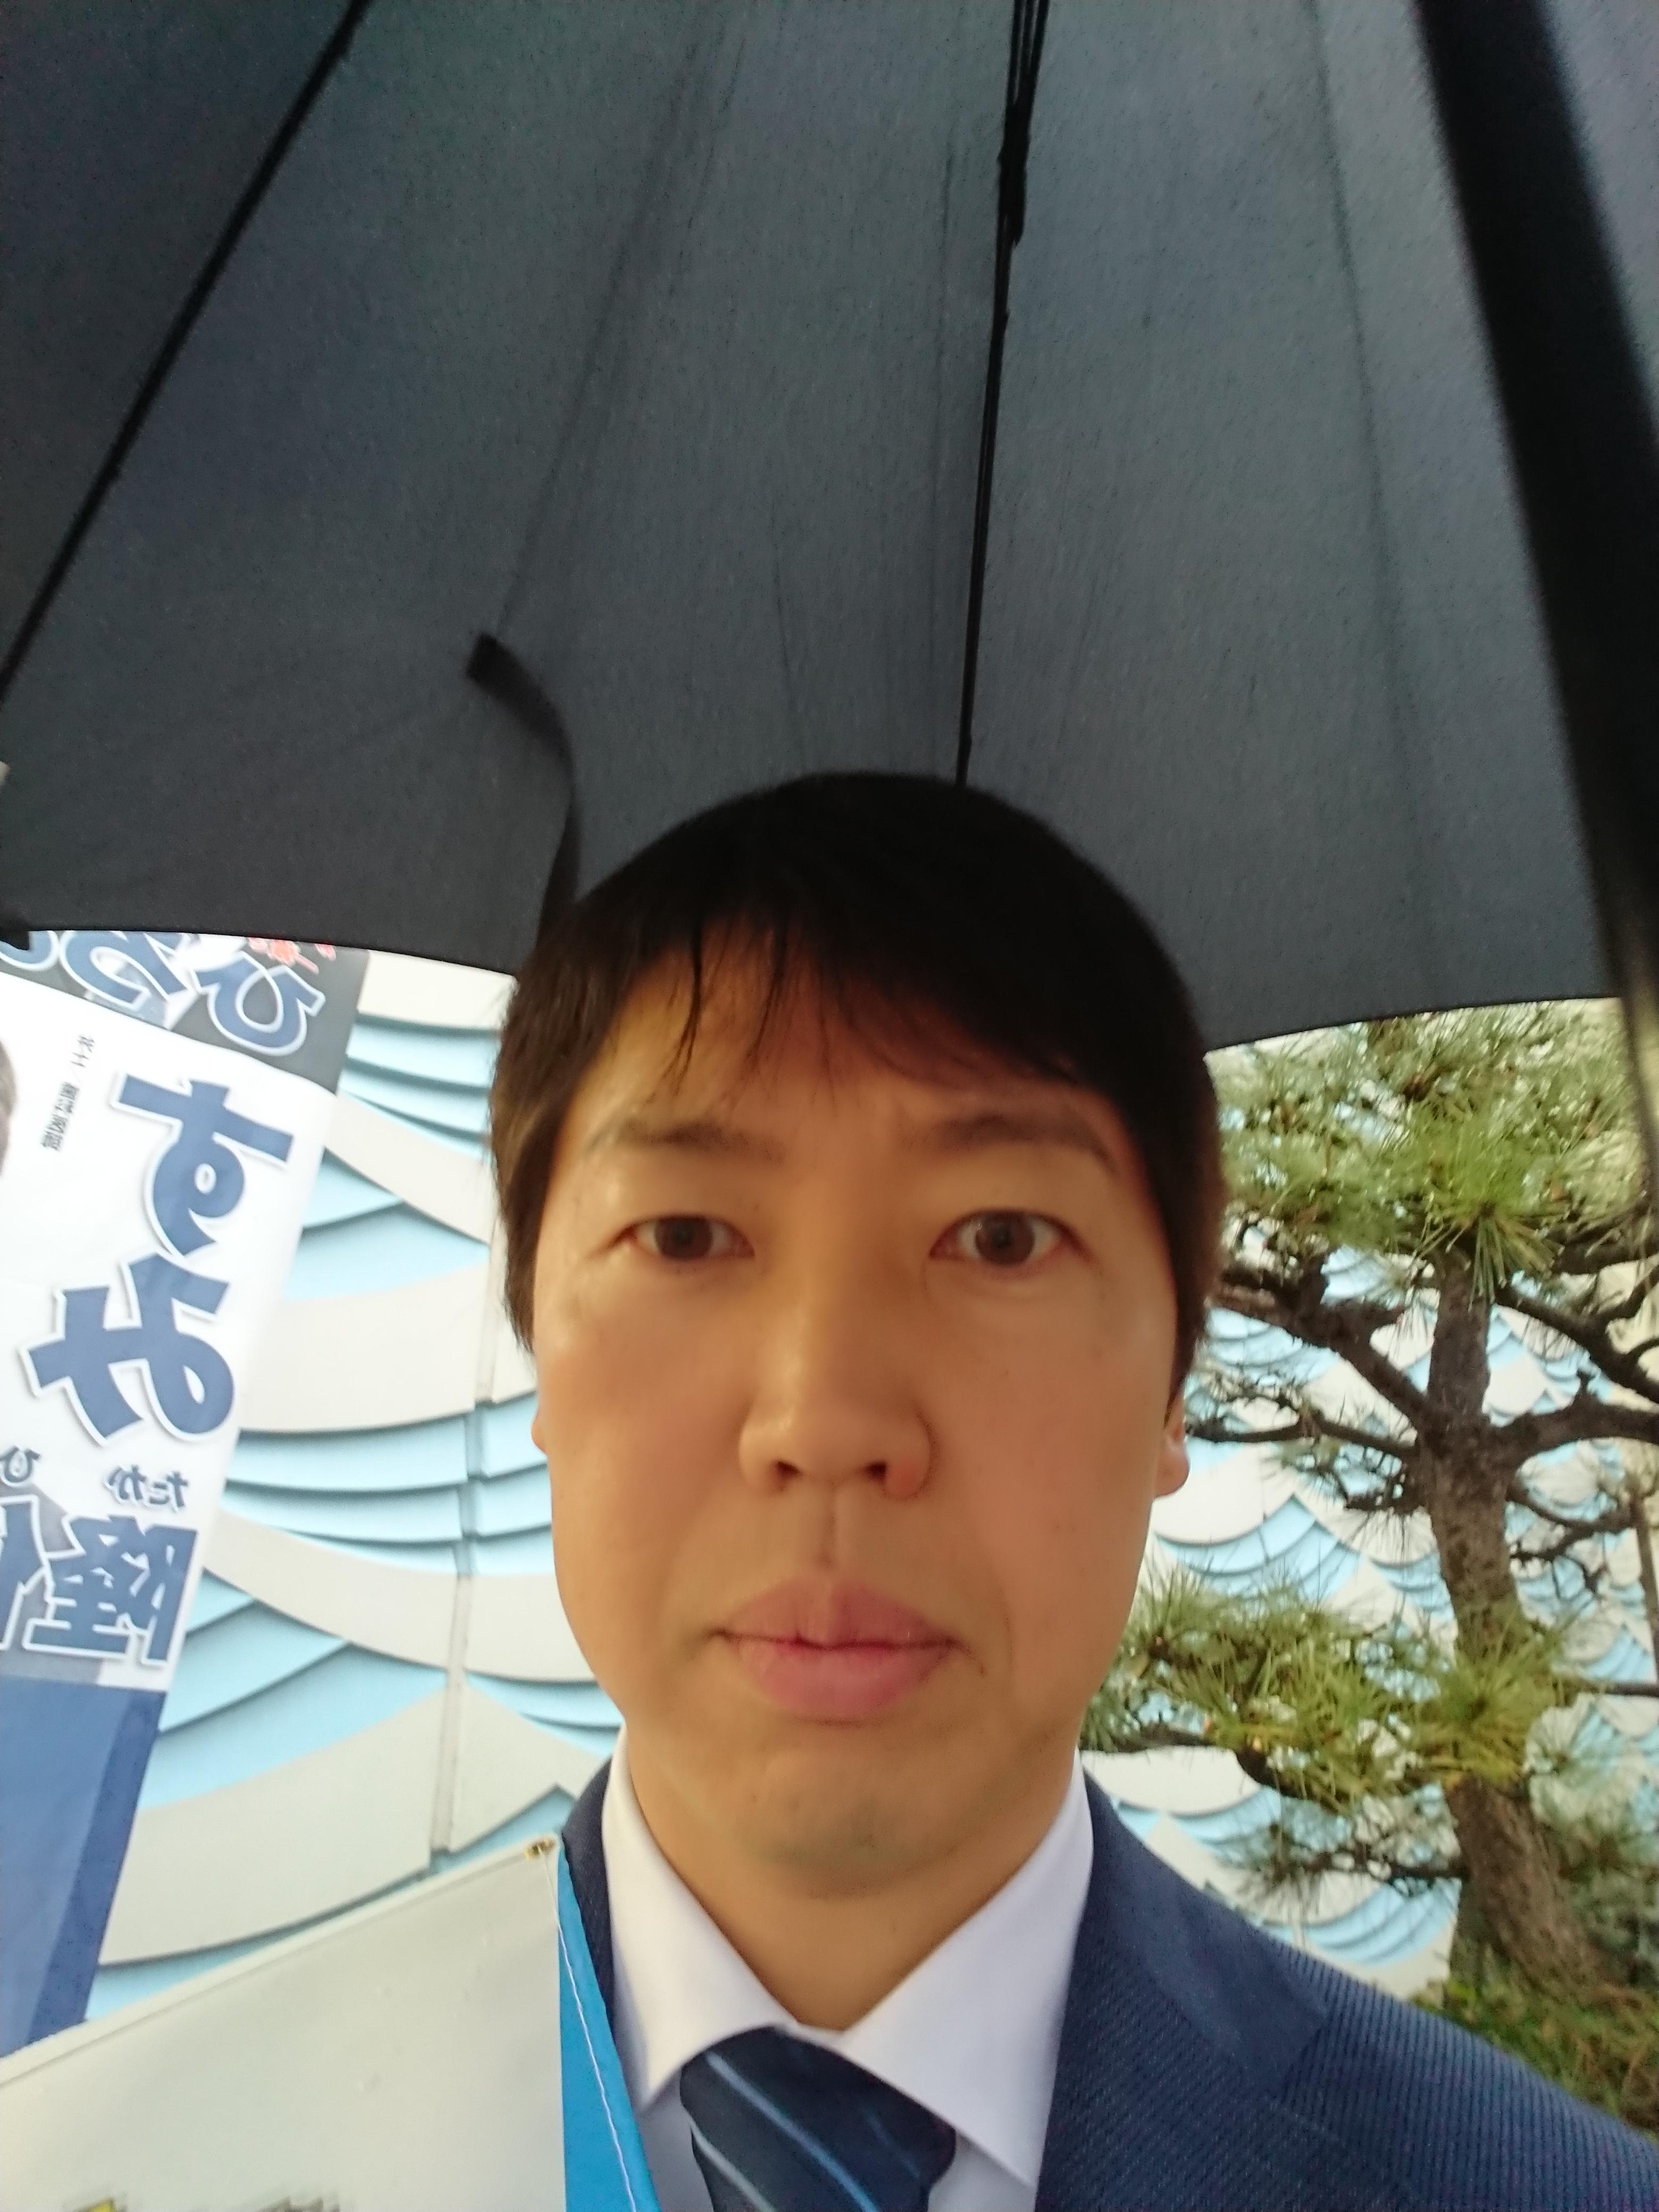 本日朝は、あいにくの雨☂️ でも元気にご挨拶をさせて頂きました。